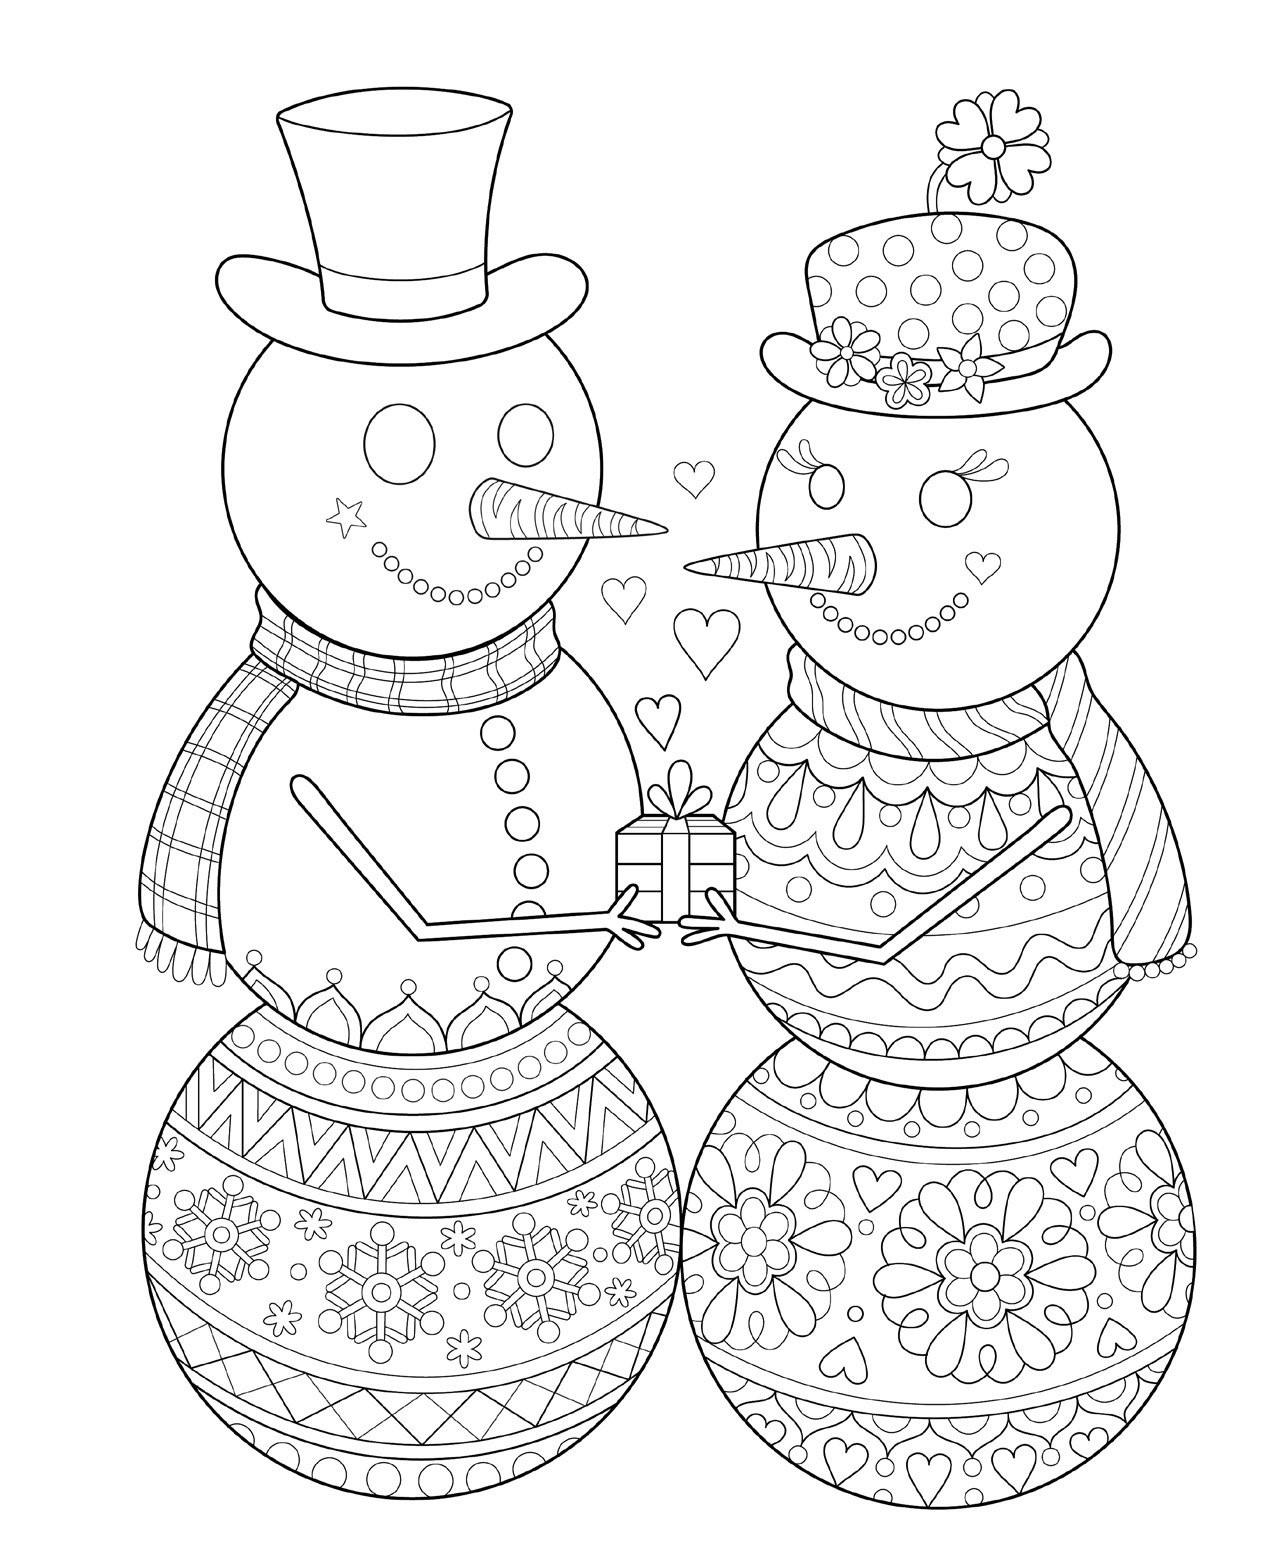 Раскраски сложные для взрослых антистресс «снеговики мальчик и девочка», чтобы распечатать